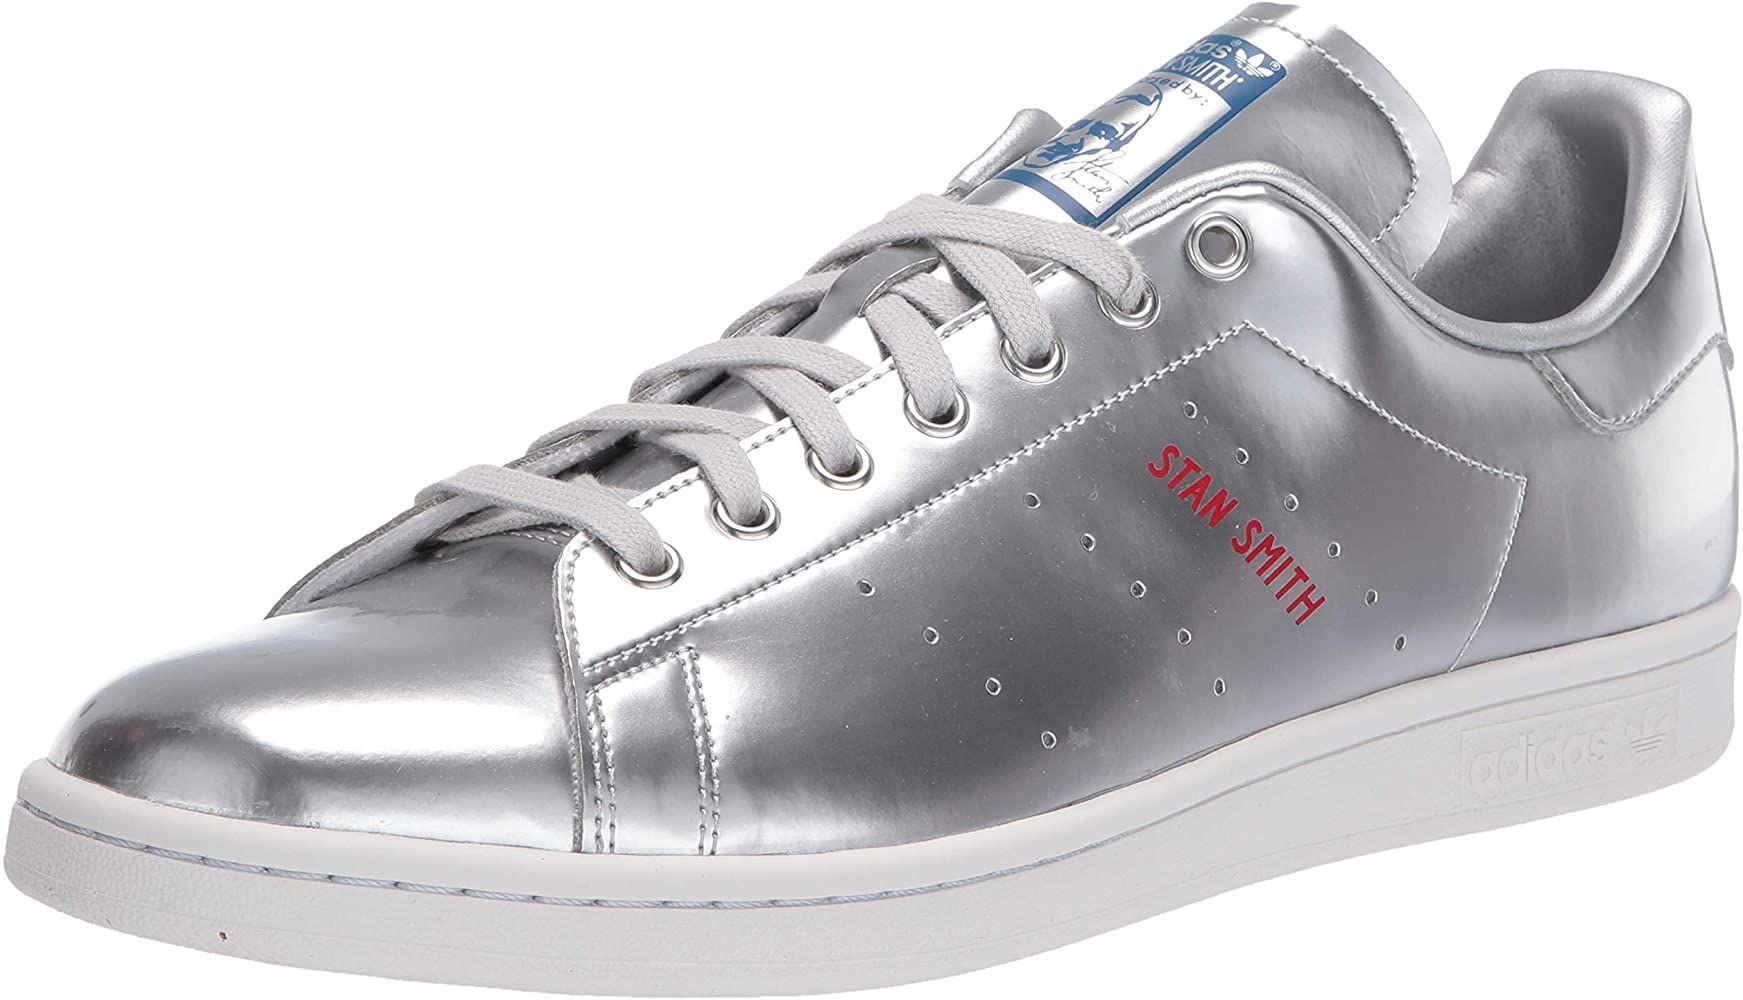 amor Fundir volatilidad  Amazon.com: Adidas Originals - Tenis para hombre, modelo Stan Smith, Gris,  10.5: Clothing | Stan smith sneakers, Adidas originals mens, Stan smith